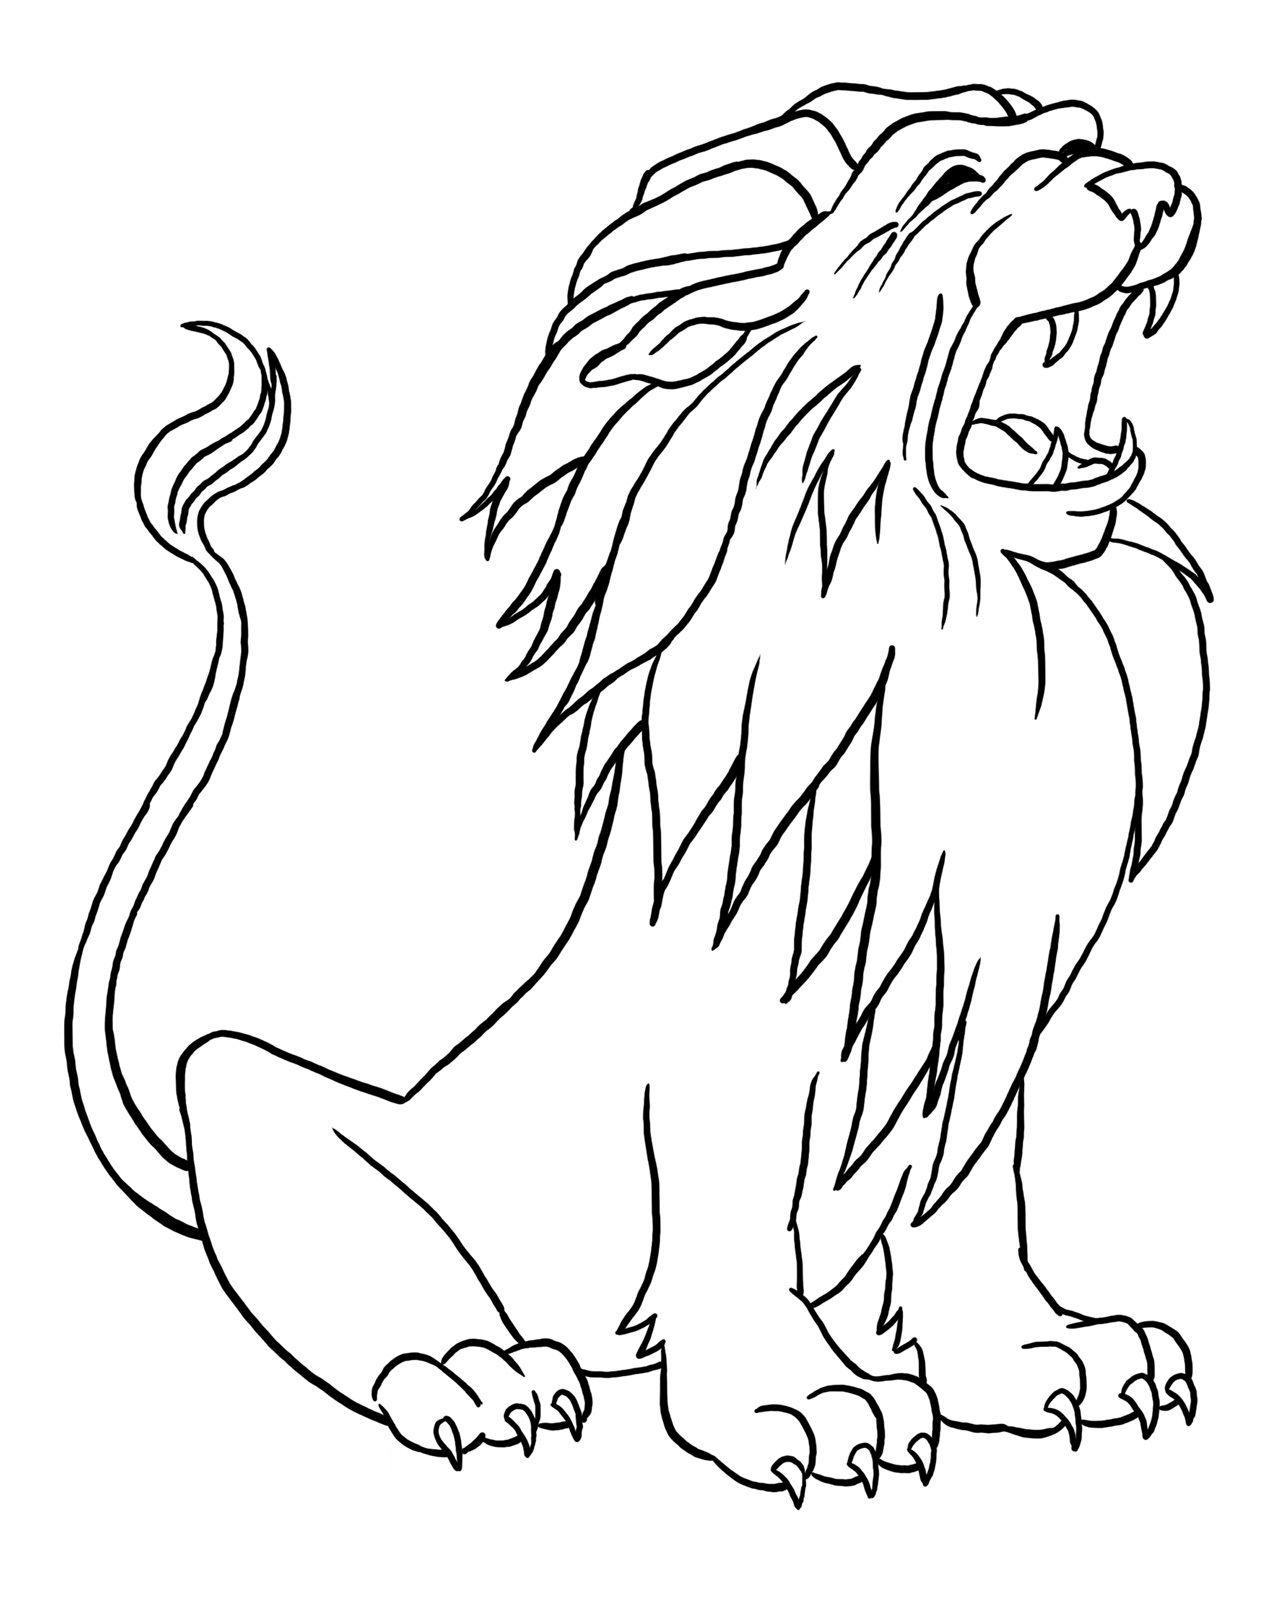 Распечатать раскраски для детей - лев, бесплатно